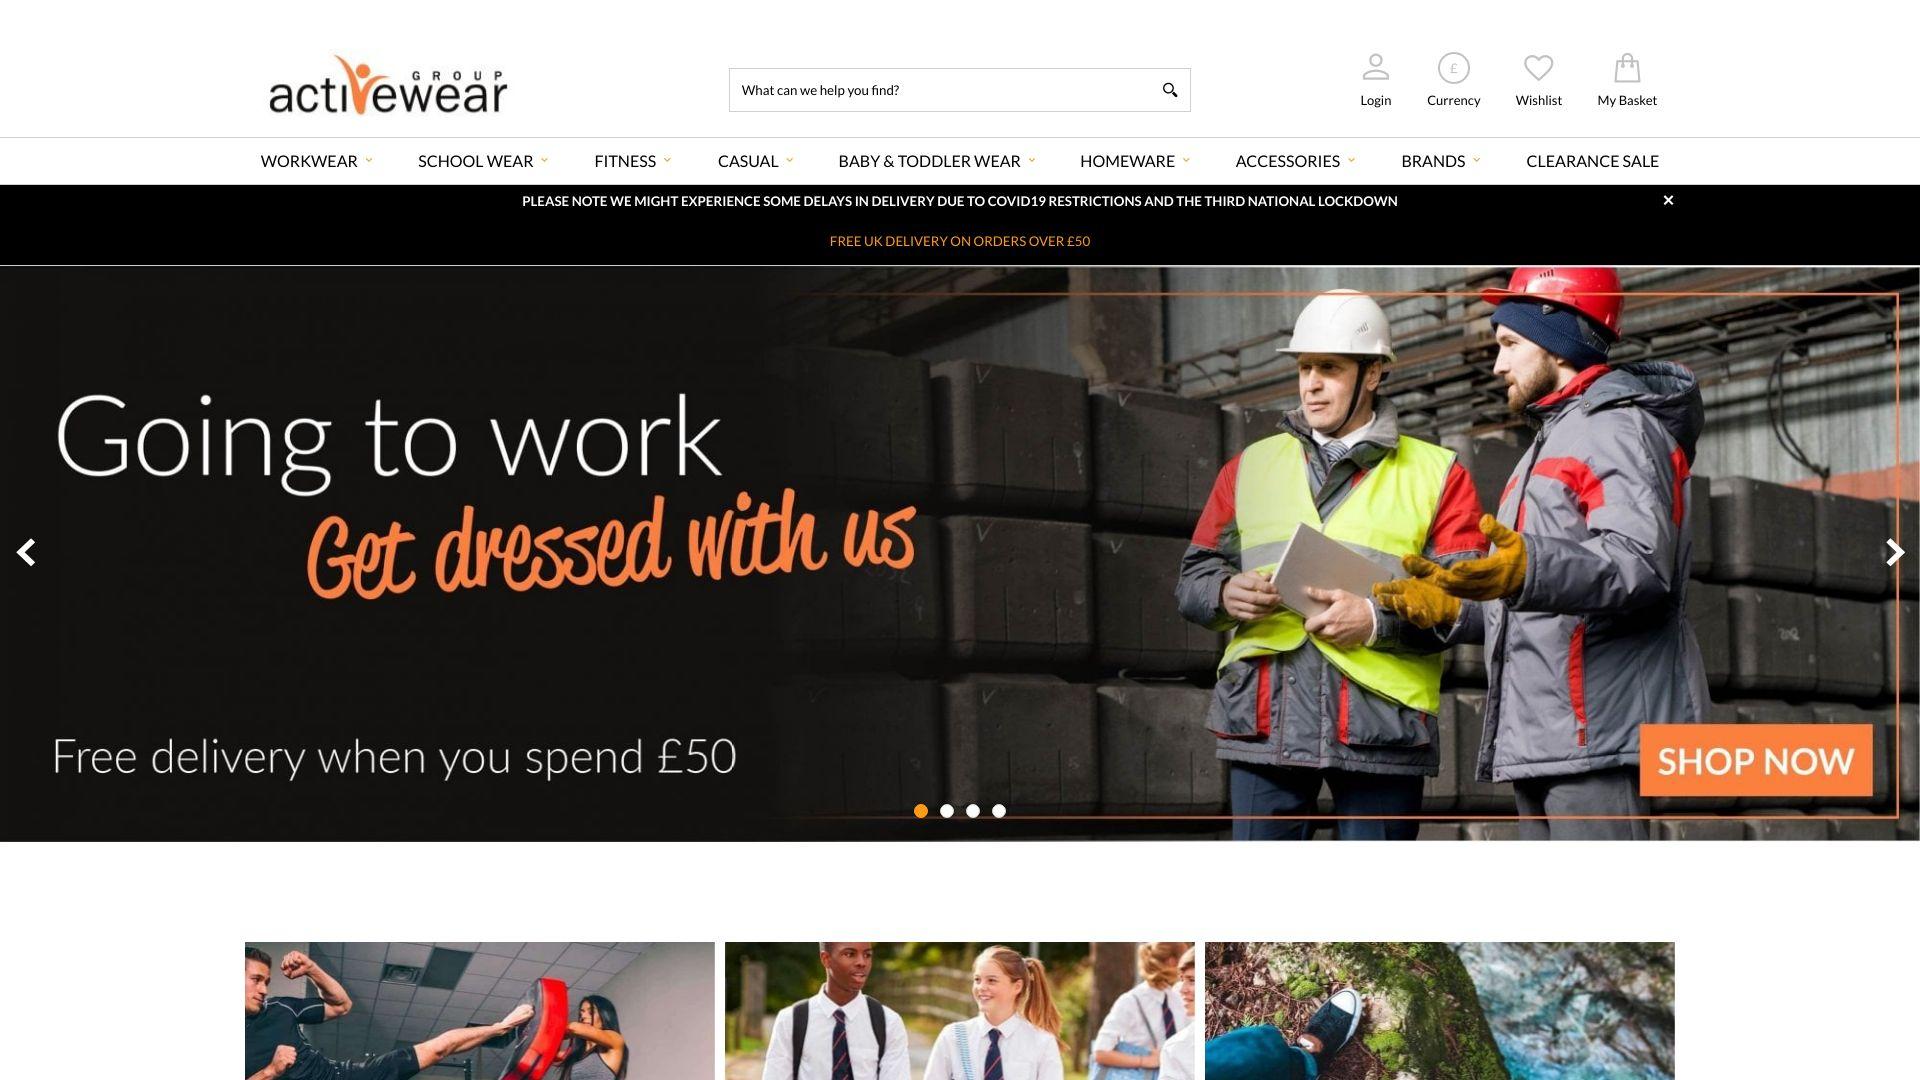 Activewear Group screenshot